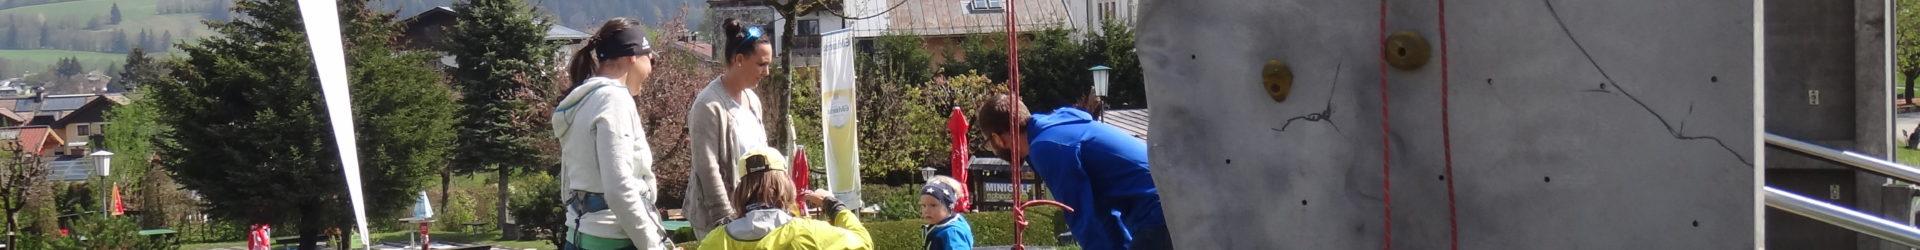 Maifest mit Kletterturm